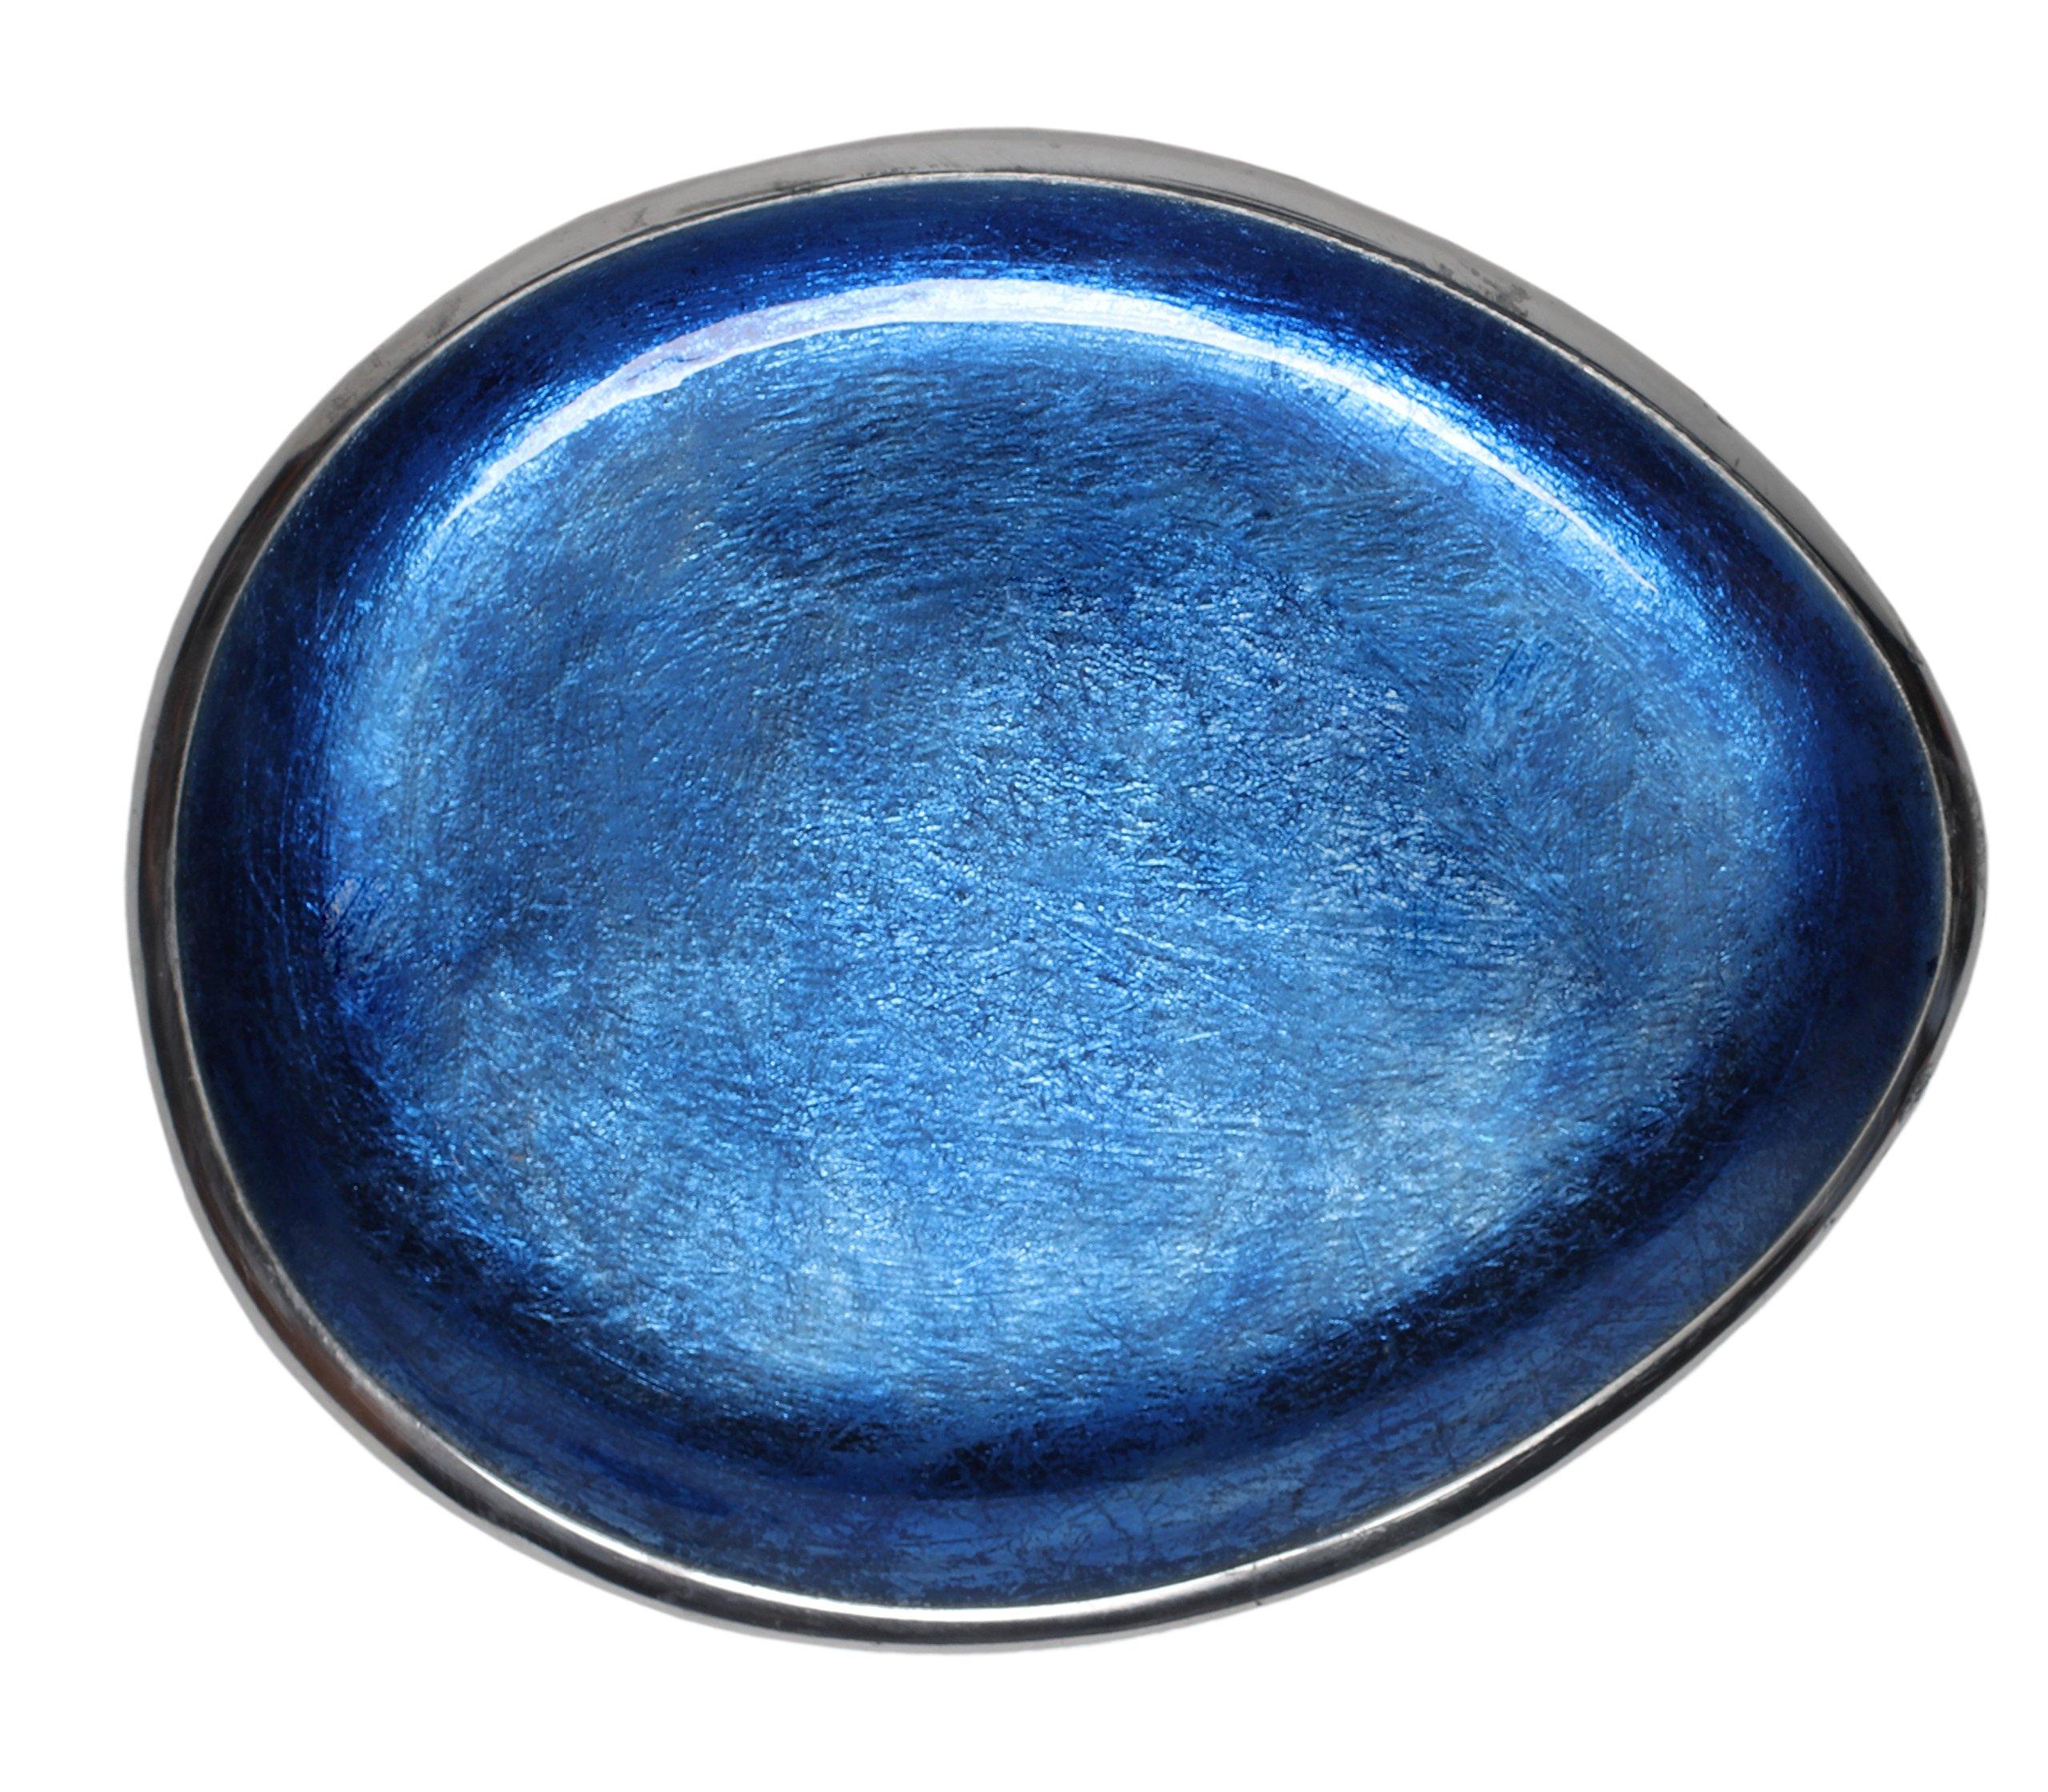 Melange Home Decor Cuivre Collection, 9-inch Oval Platter, Color - Sky Blue